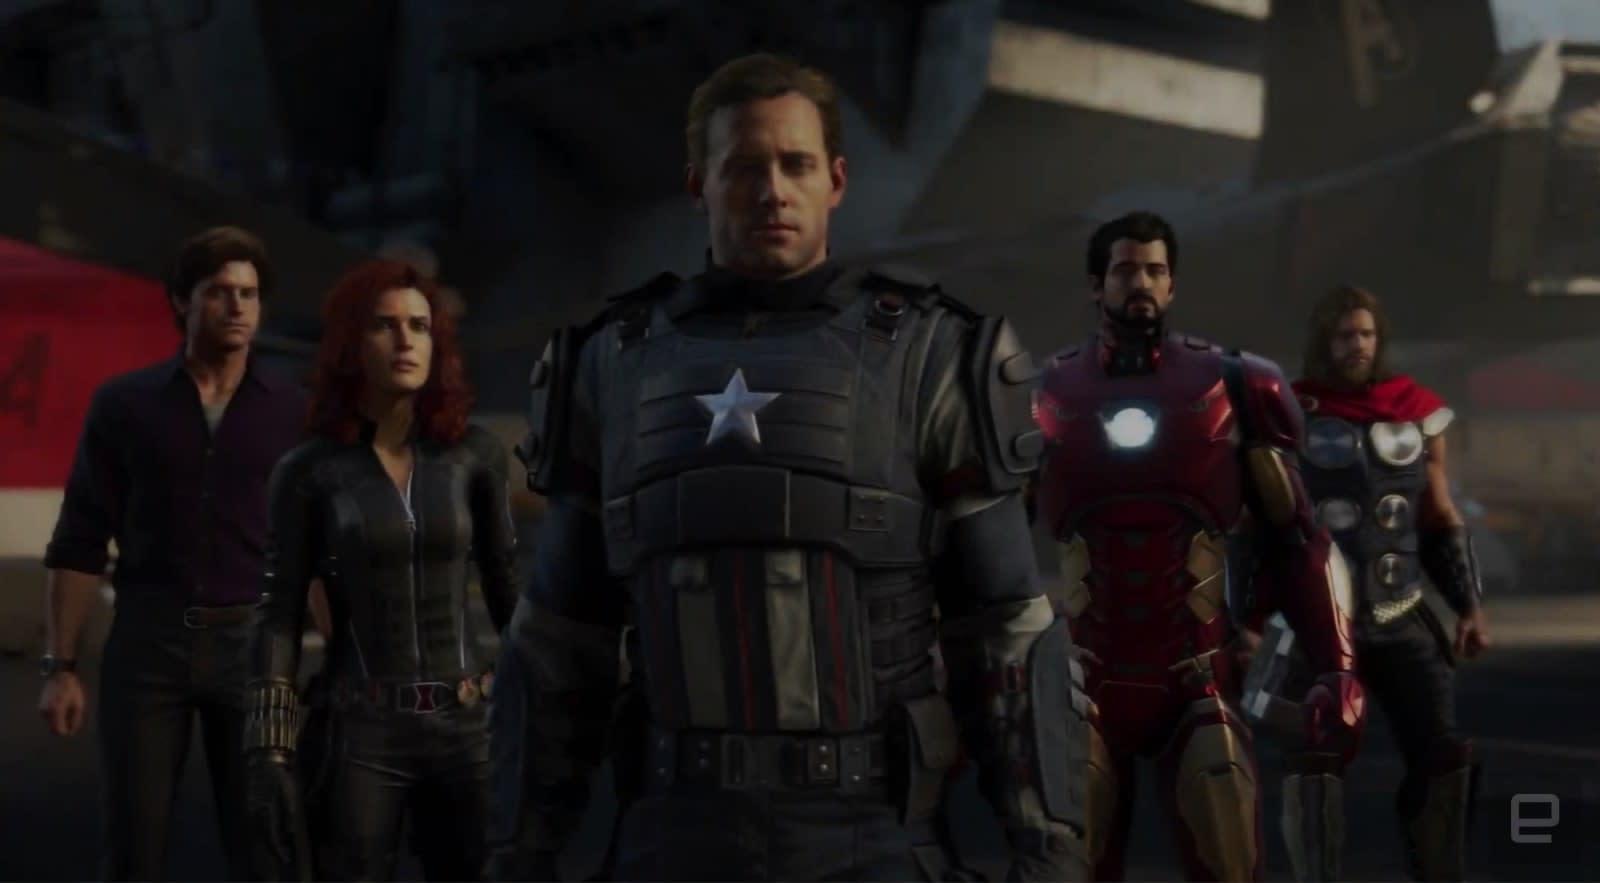 「Avengers square enix LA」的圖片搜尋結果